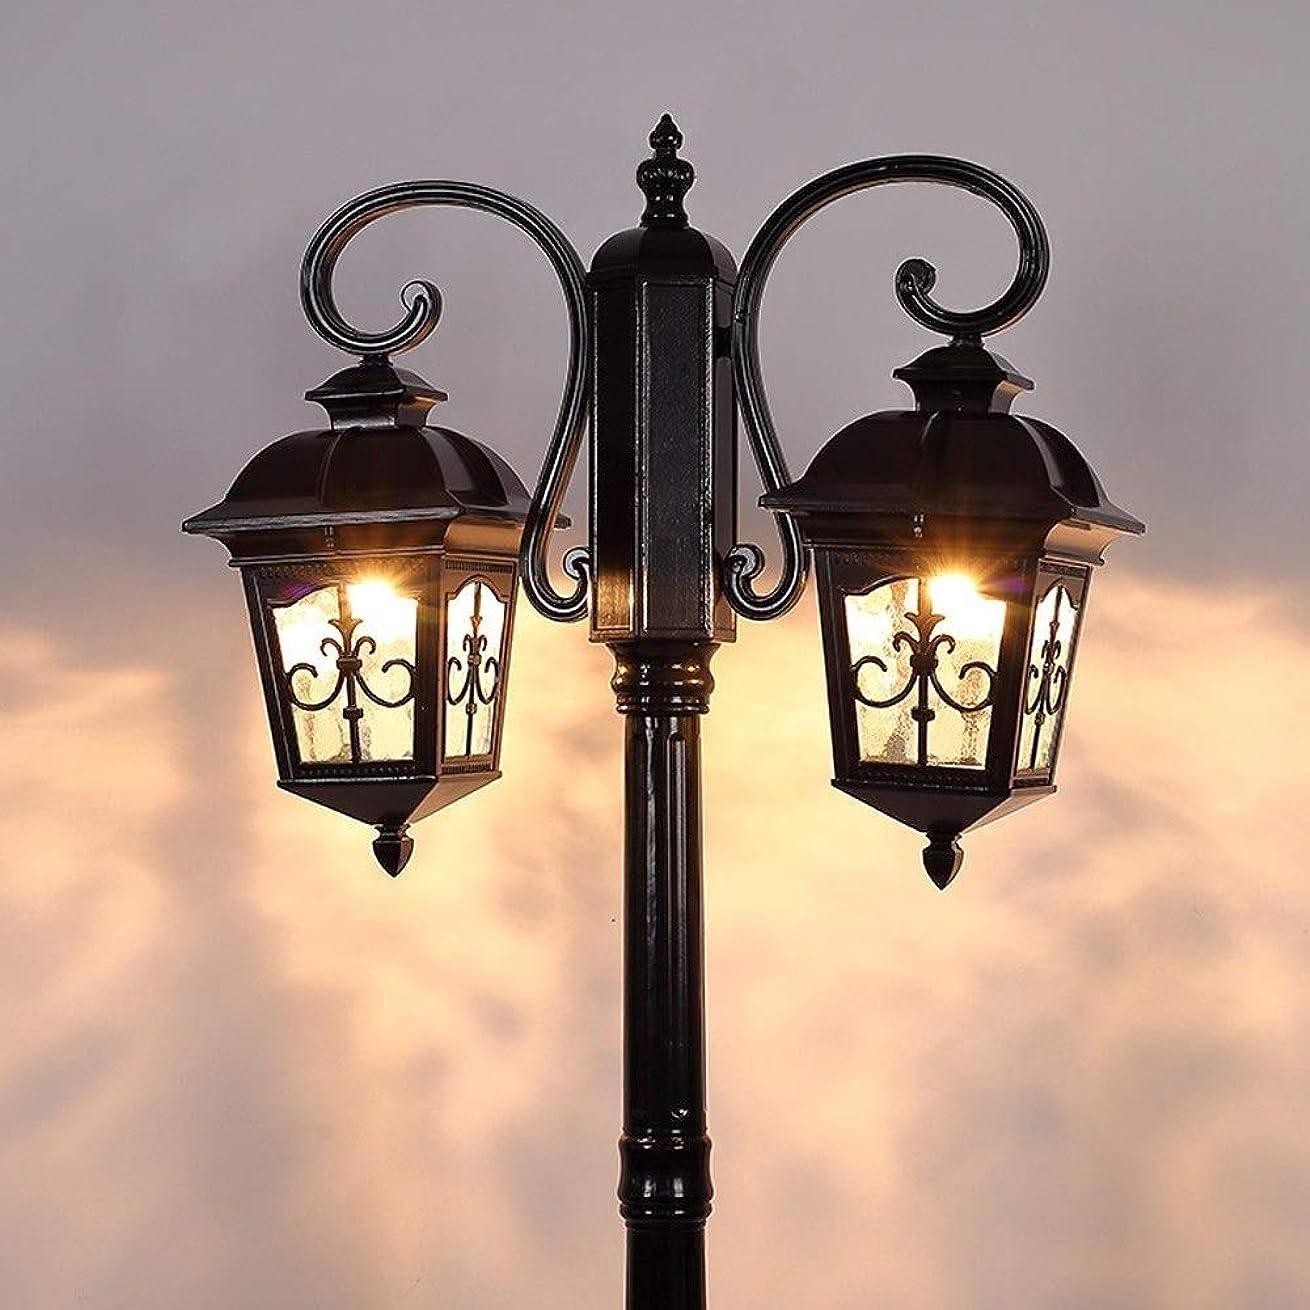 破滅的な多様な磁器Jblyl アメリカの2灯の高ポールランプビクトリアエクステリア風景防水パティオパス照明ポストランプダブルコラムポールライト街灯 (Color : Black, サイズ : H:2.95M)